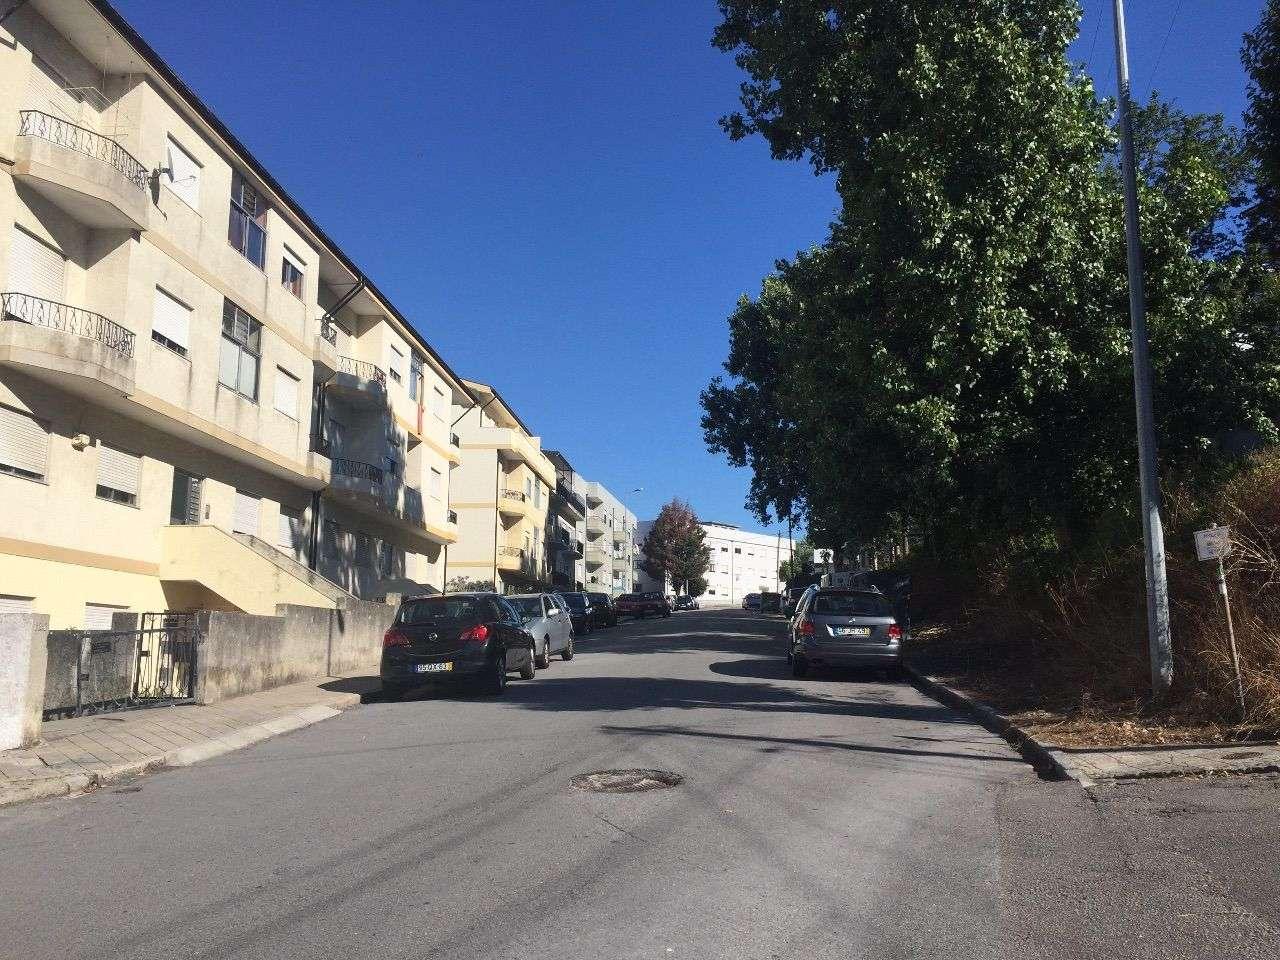 Apartamento para arrendar, Rua Professor Egas Moniz - Oliveira do Douro, Oliveira do Douro - Foto 4